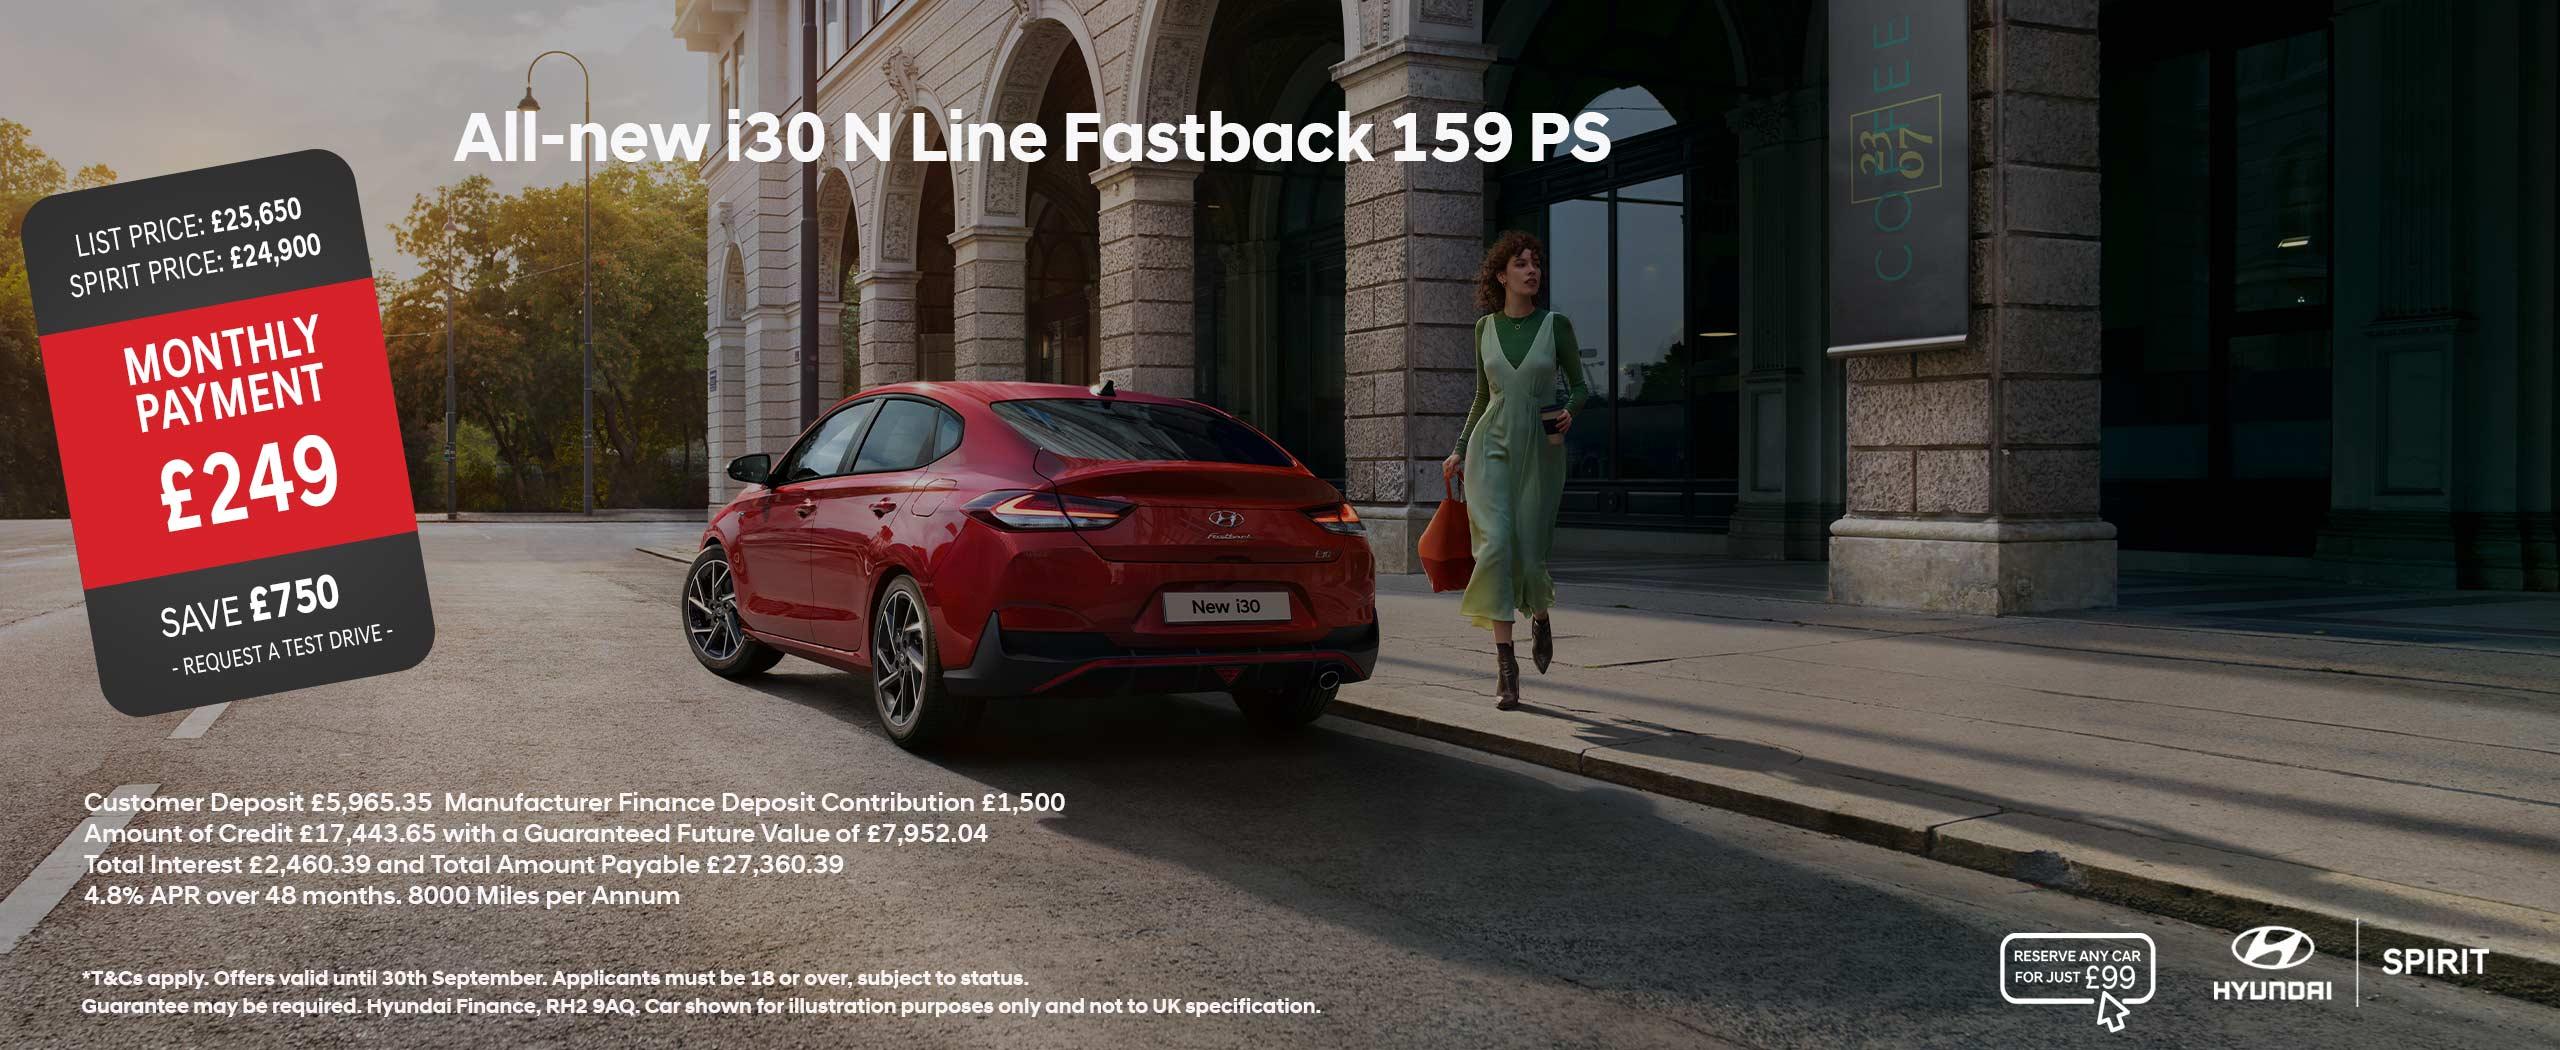 All-new i30 N Line Fastback